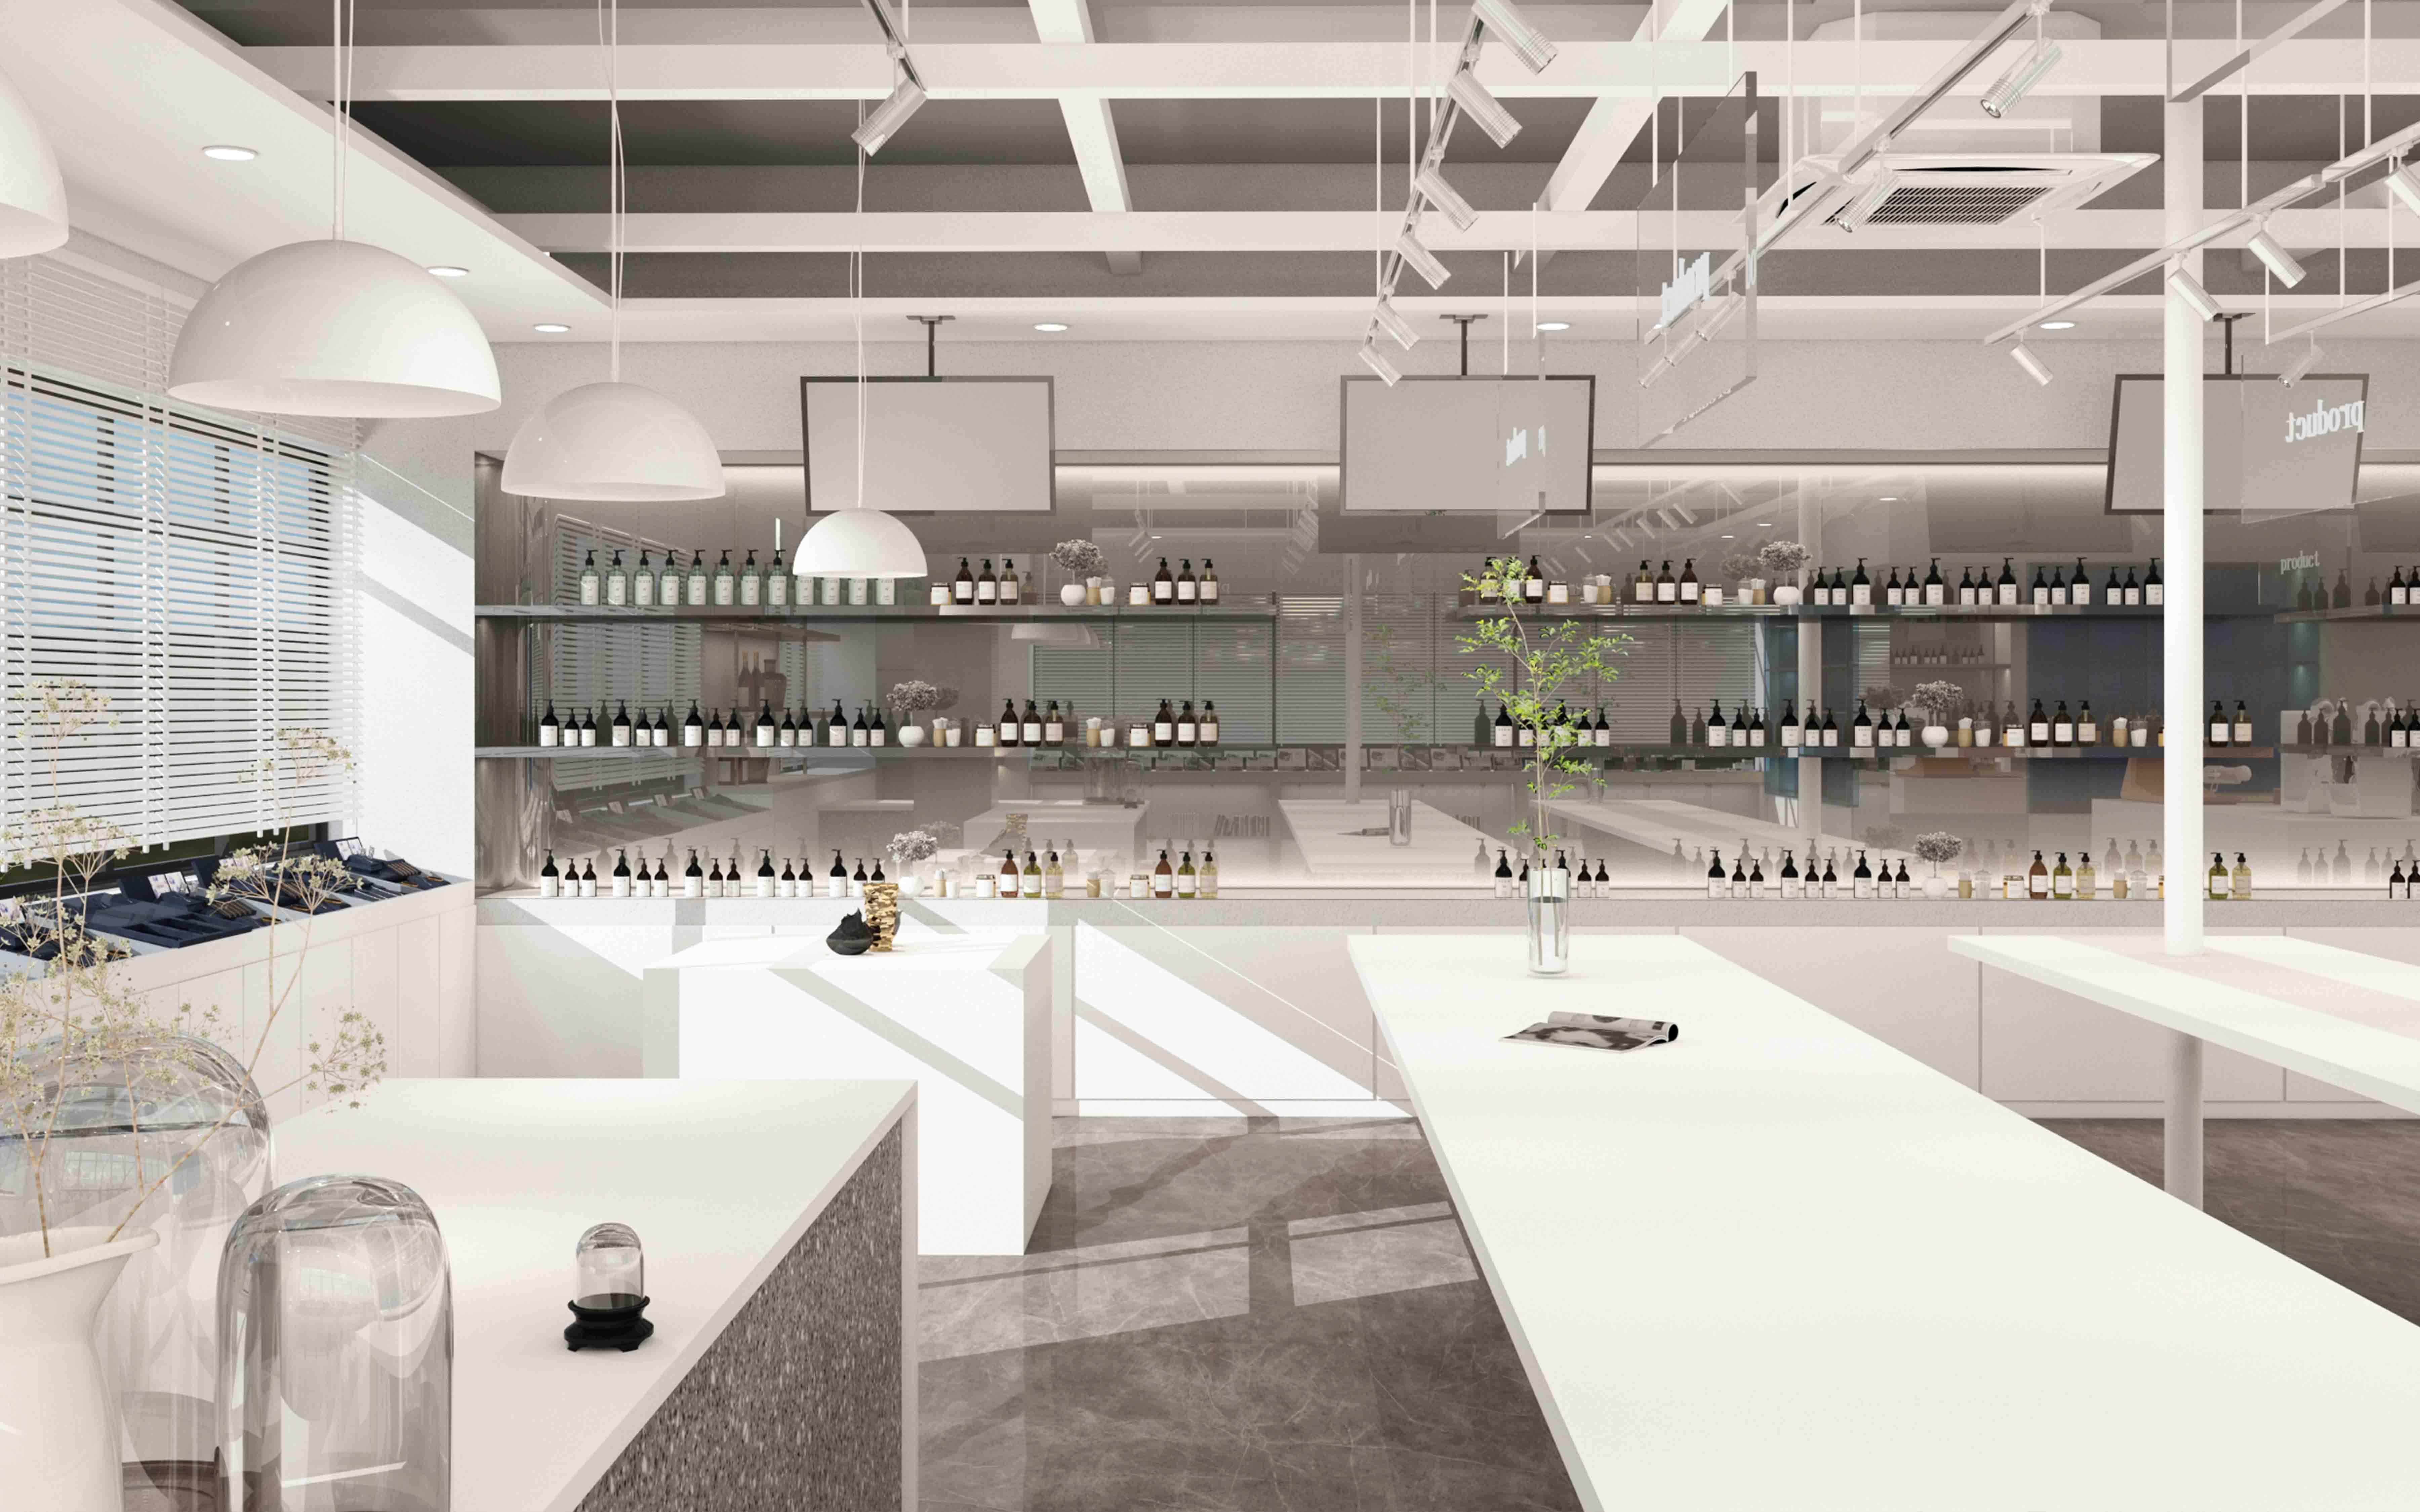 【展厅设计】展会展厅设计展示展览设计品牌展示装修设计文化历史